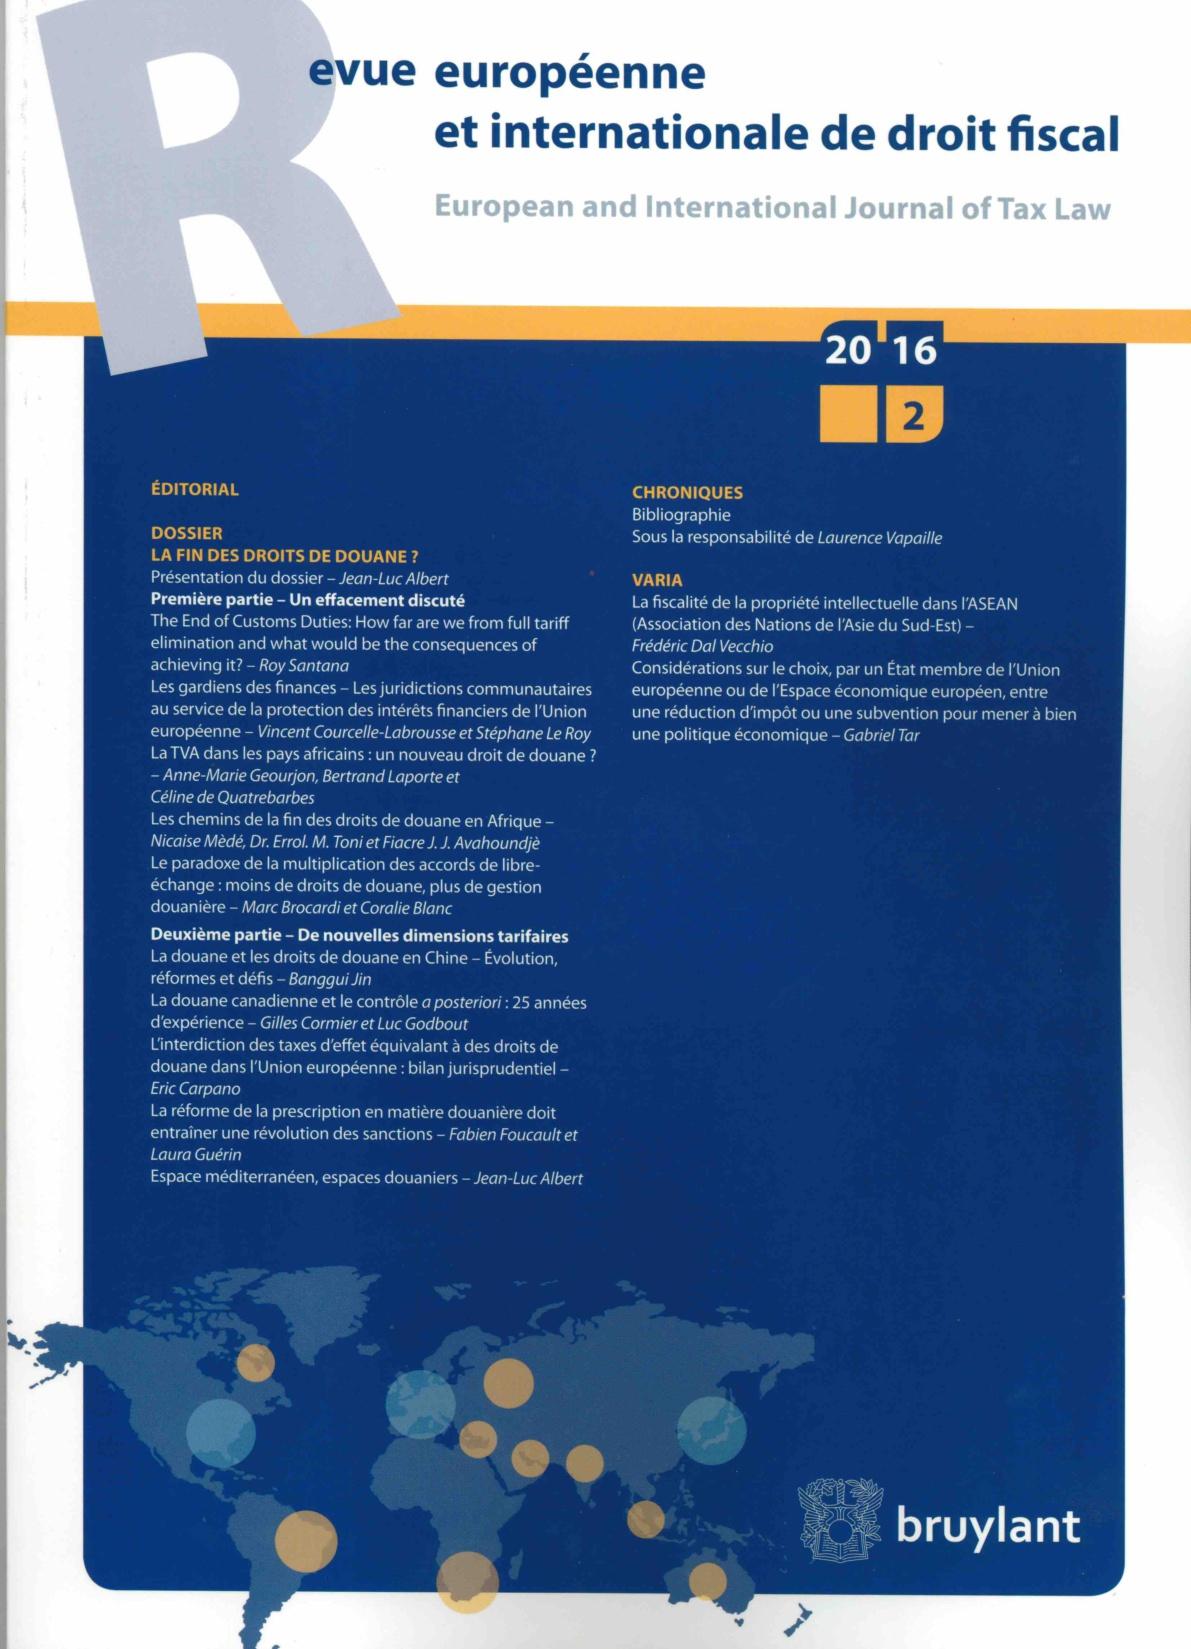 La fiscalité de la propriété intellectuelle dans l'ASEAN (Association des Nations de l'Asie du Sud-Est)